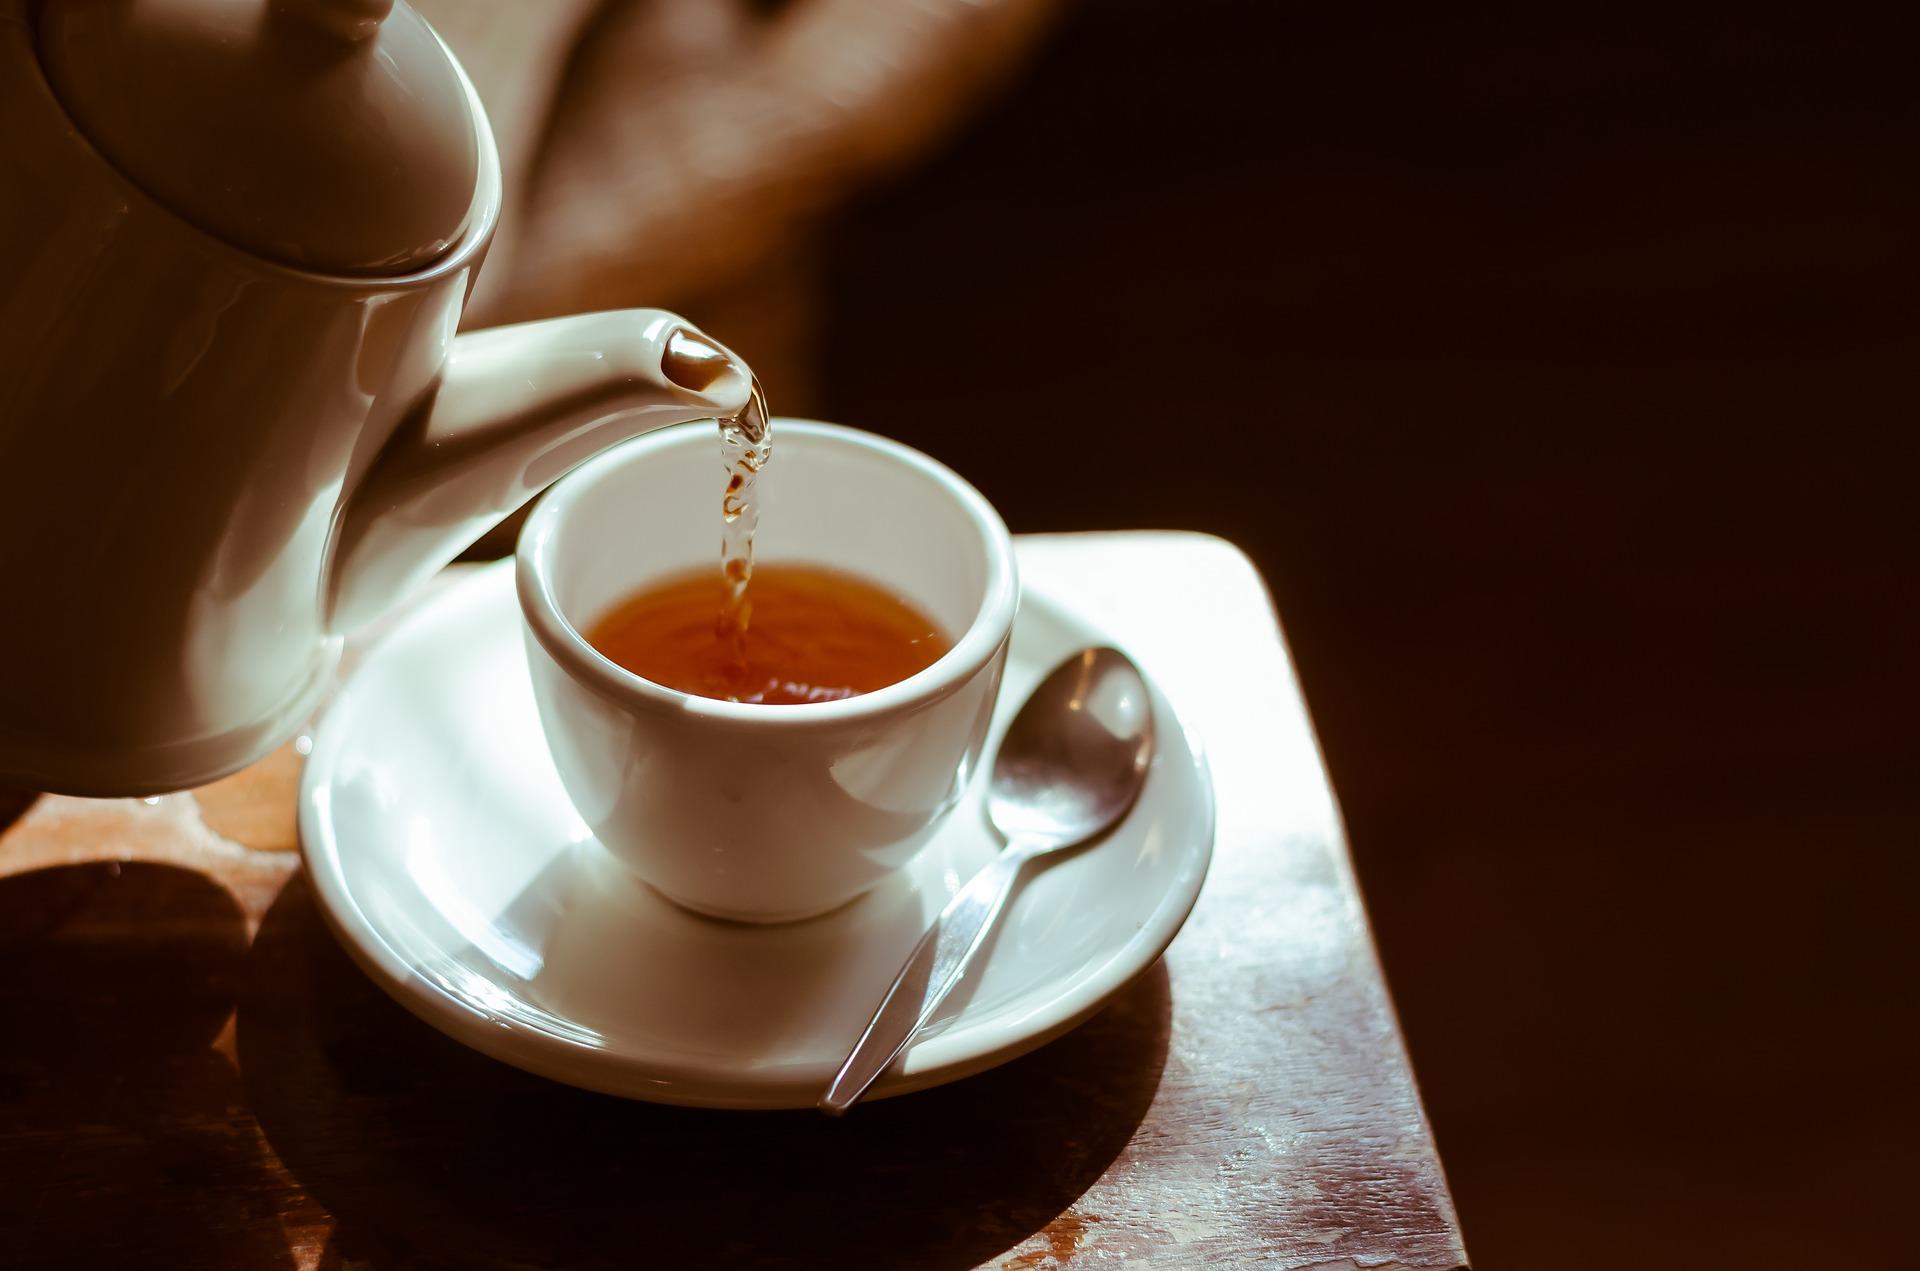 tea-2356764_1920.jpg